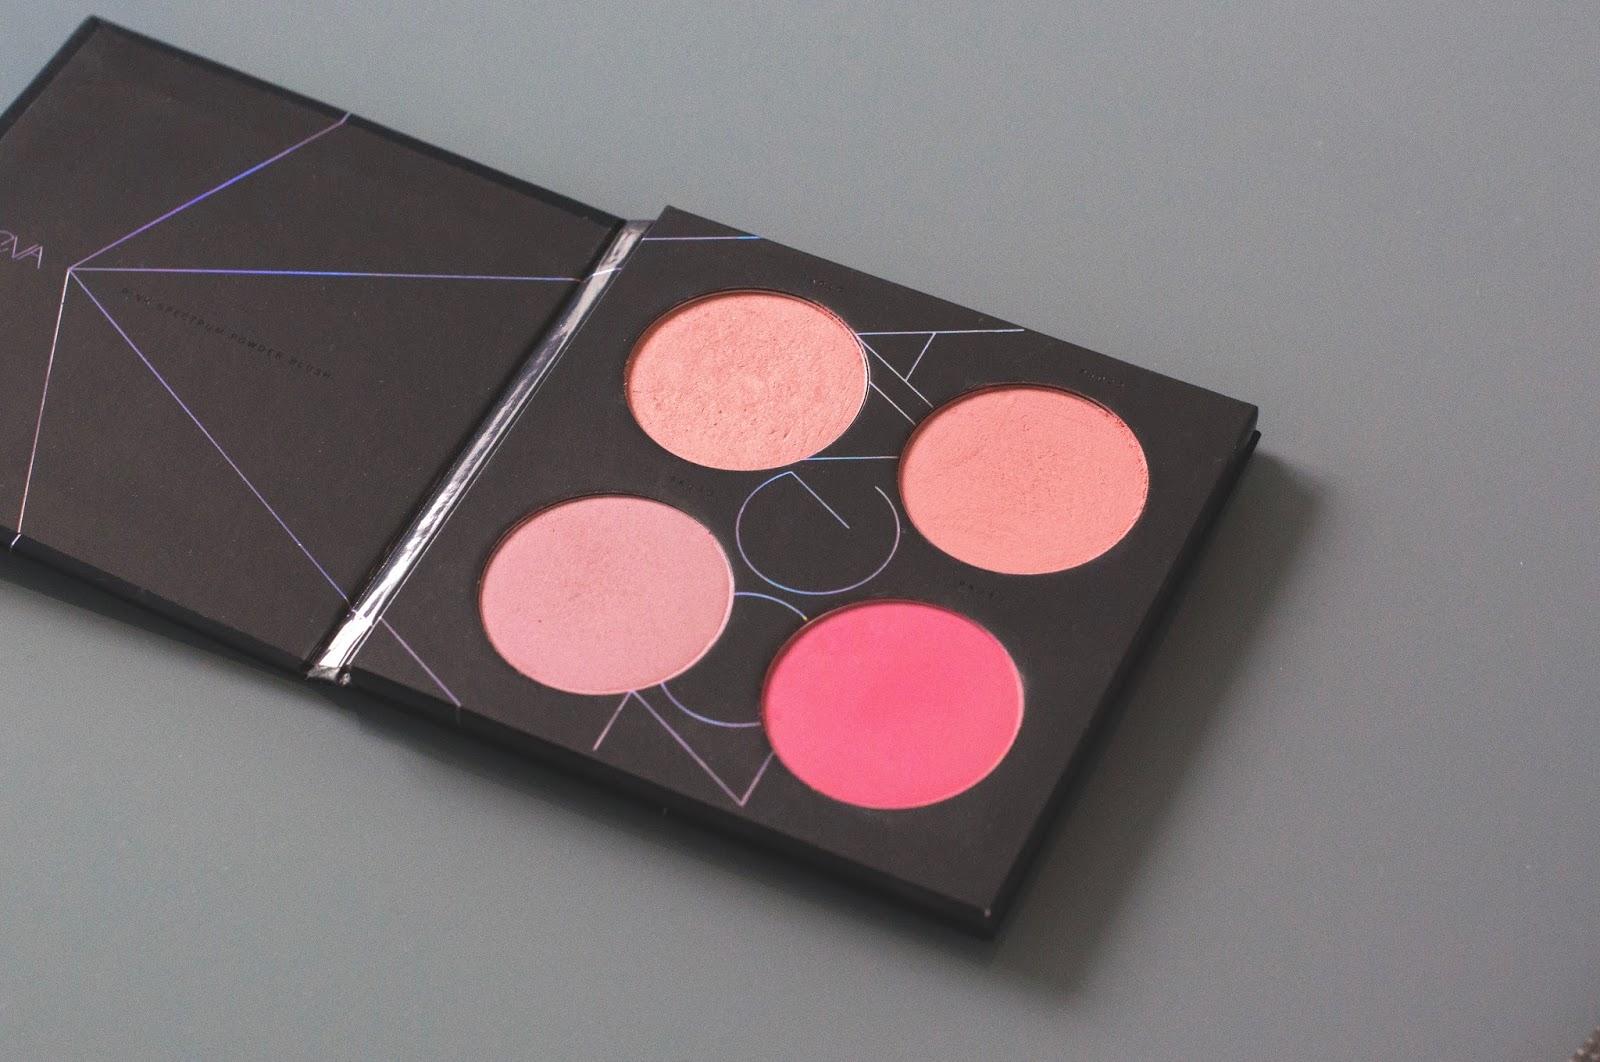 Palette de Blush Pink Spectrum de Zoeva